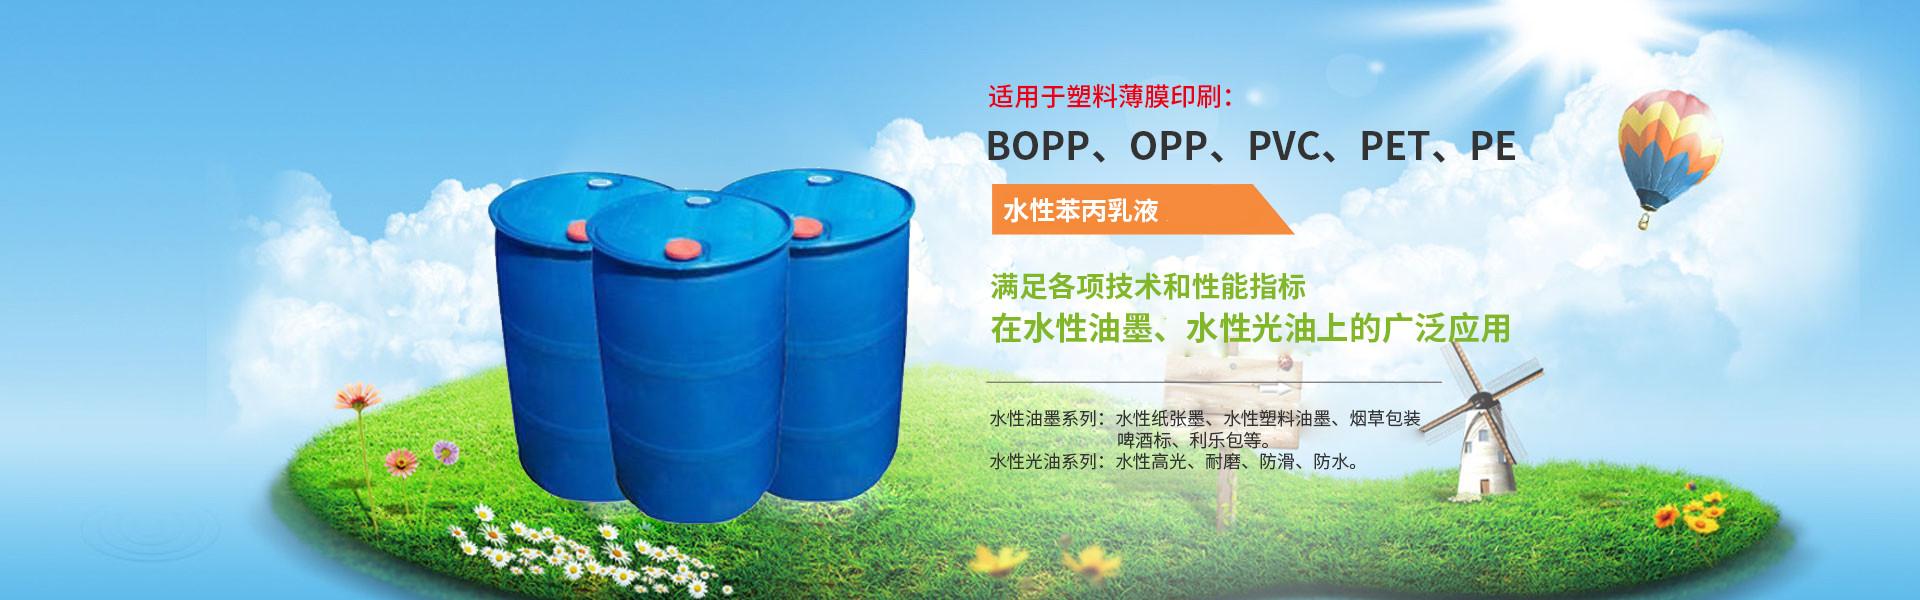 水性光油,塑料薄膜水性乳液,水性树脂